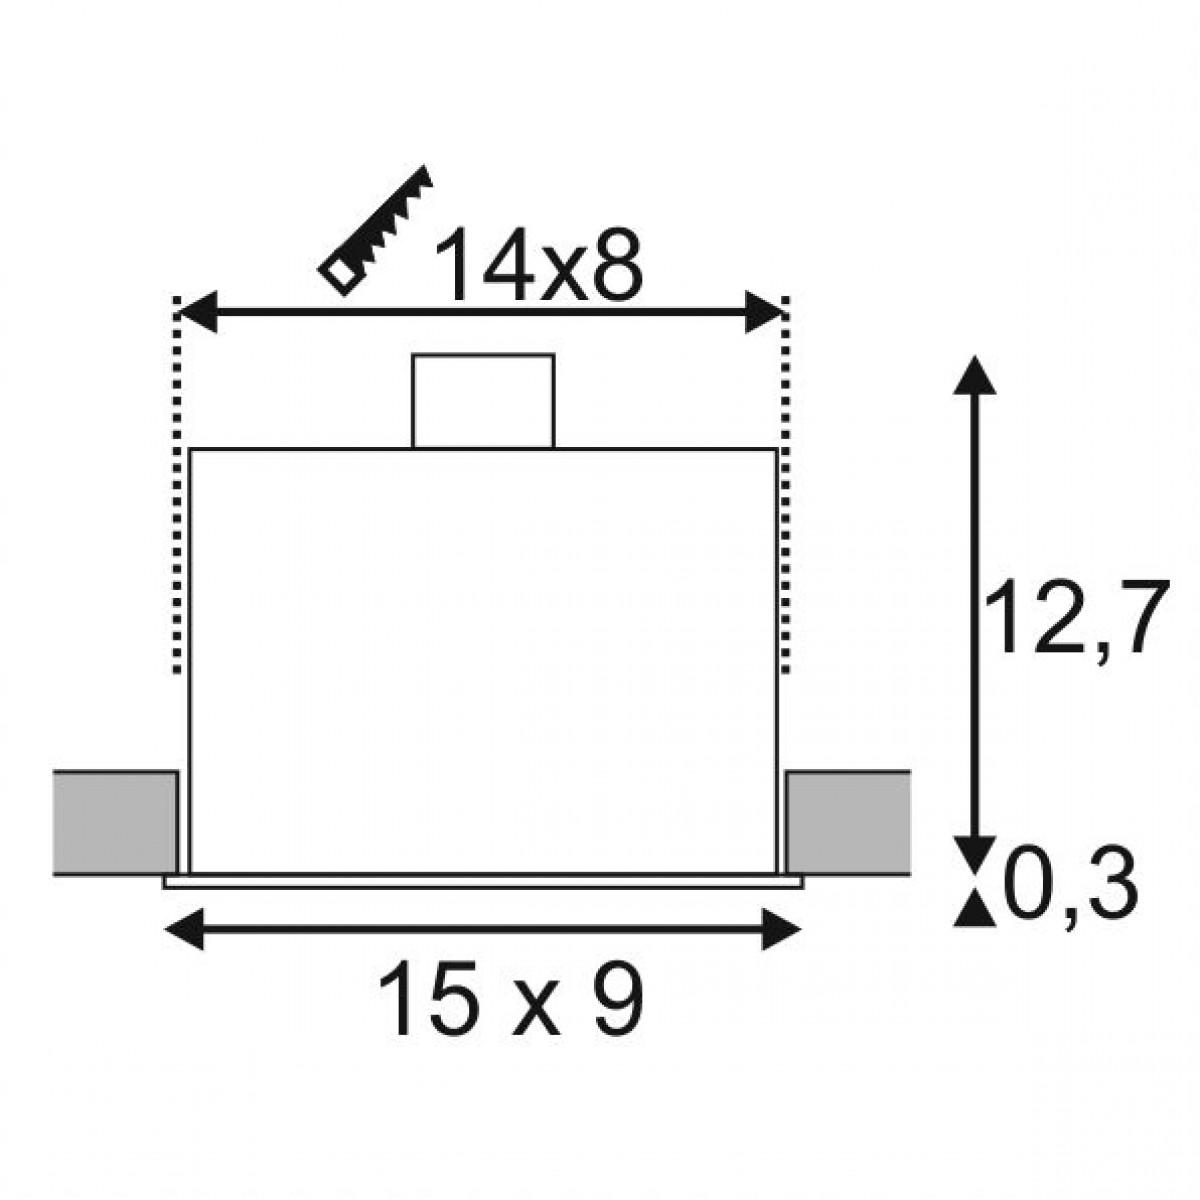 Kadux 2 Gu10 Alu Geborsteld 2xgu10